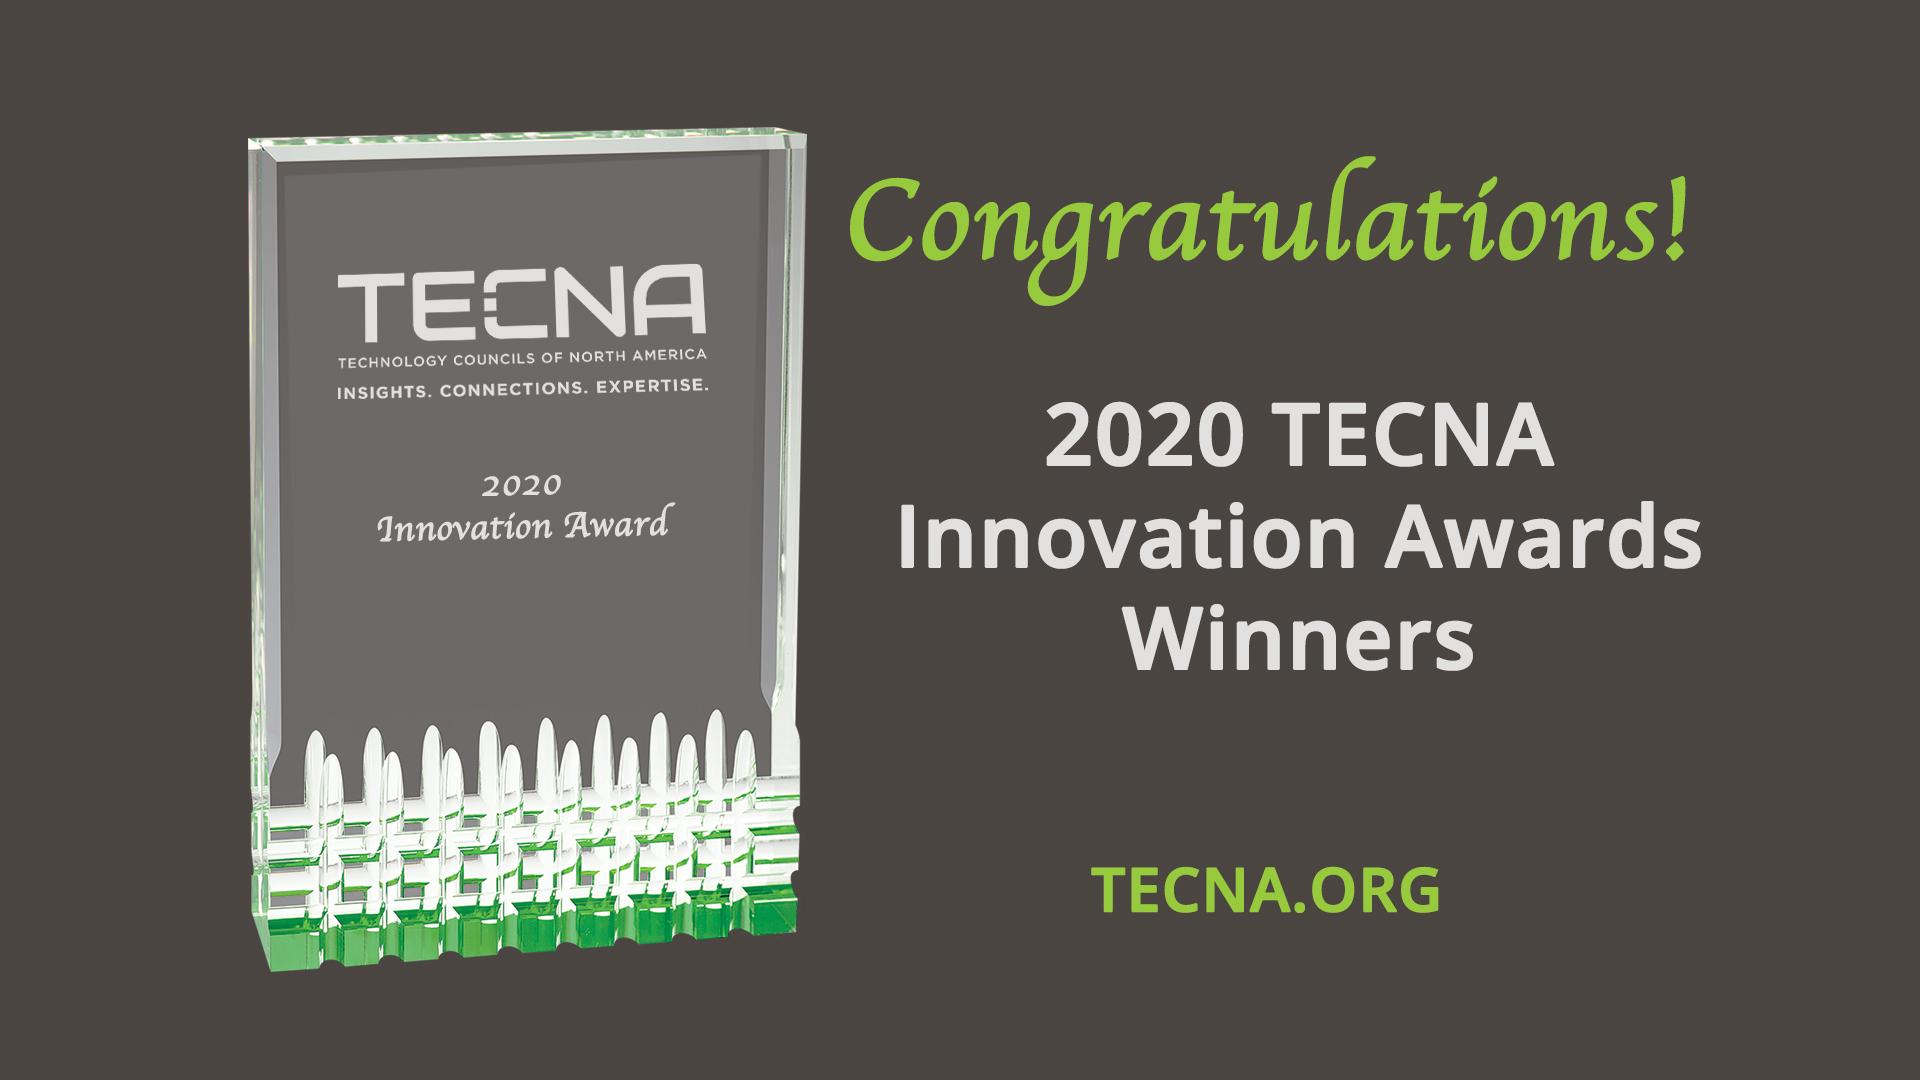 Innovation-Award-statue-slide-congrats-2.jpg